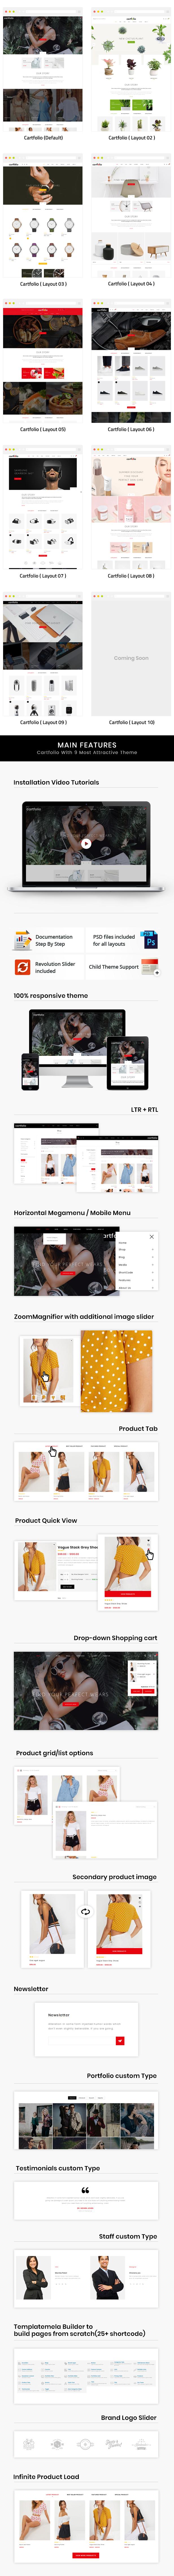 Cartfolio - Multipurpose WooCommerce Theme